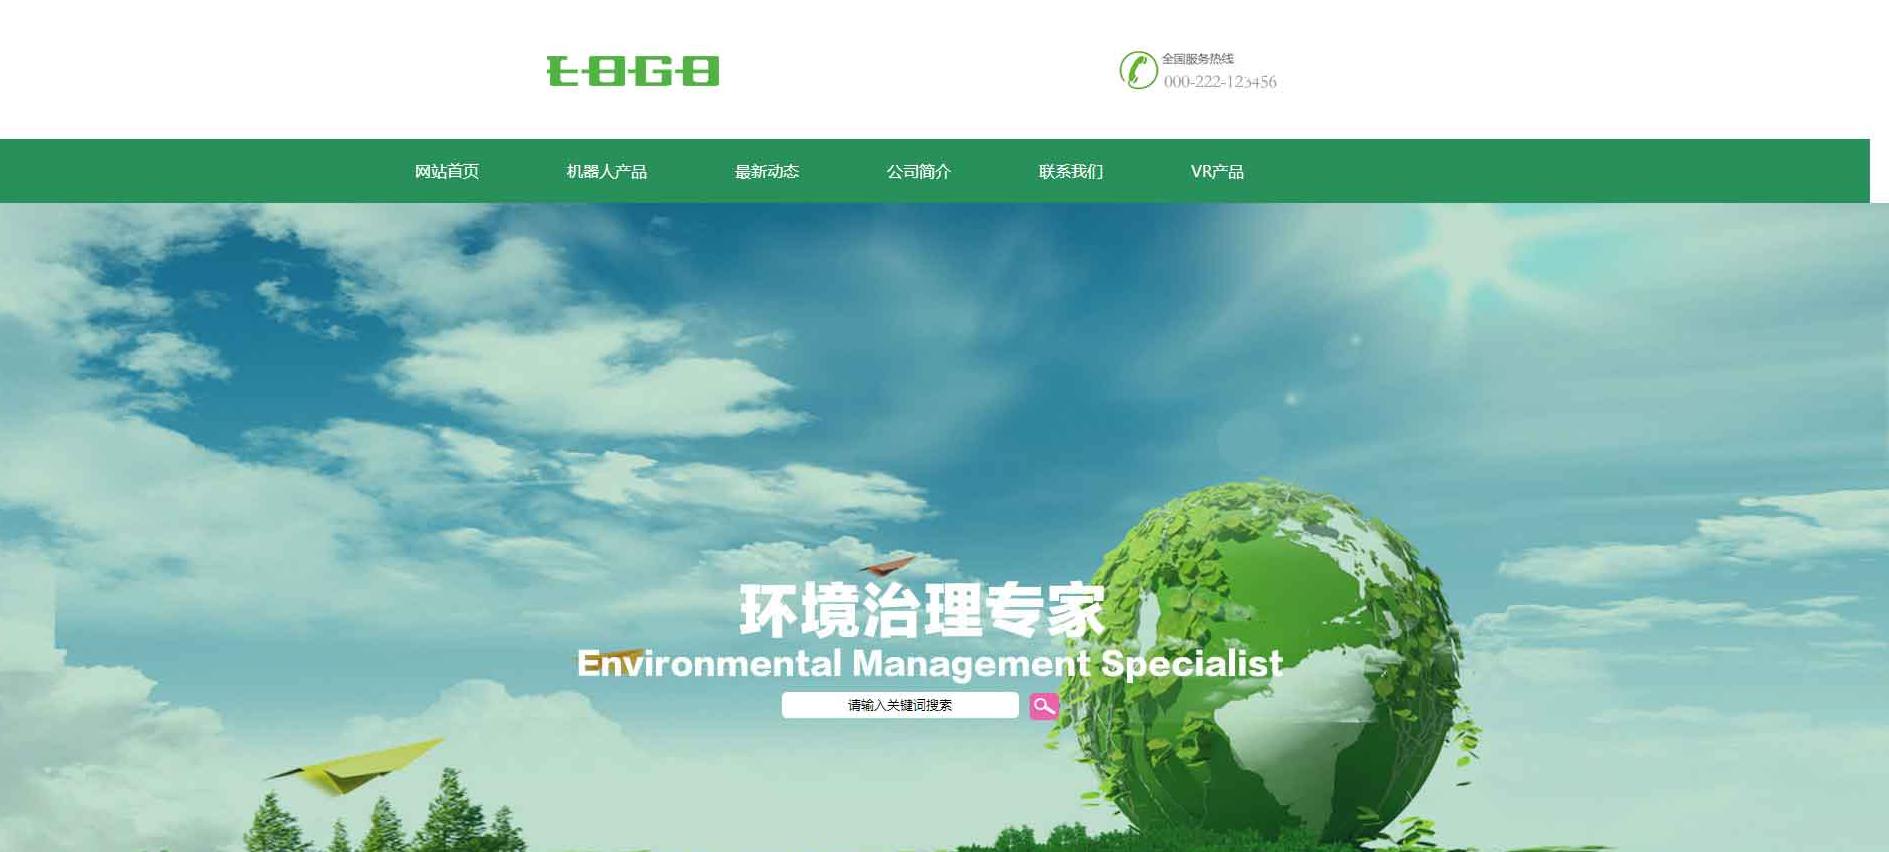 環保設備行業網站